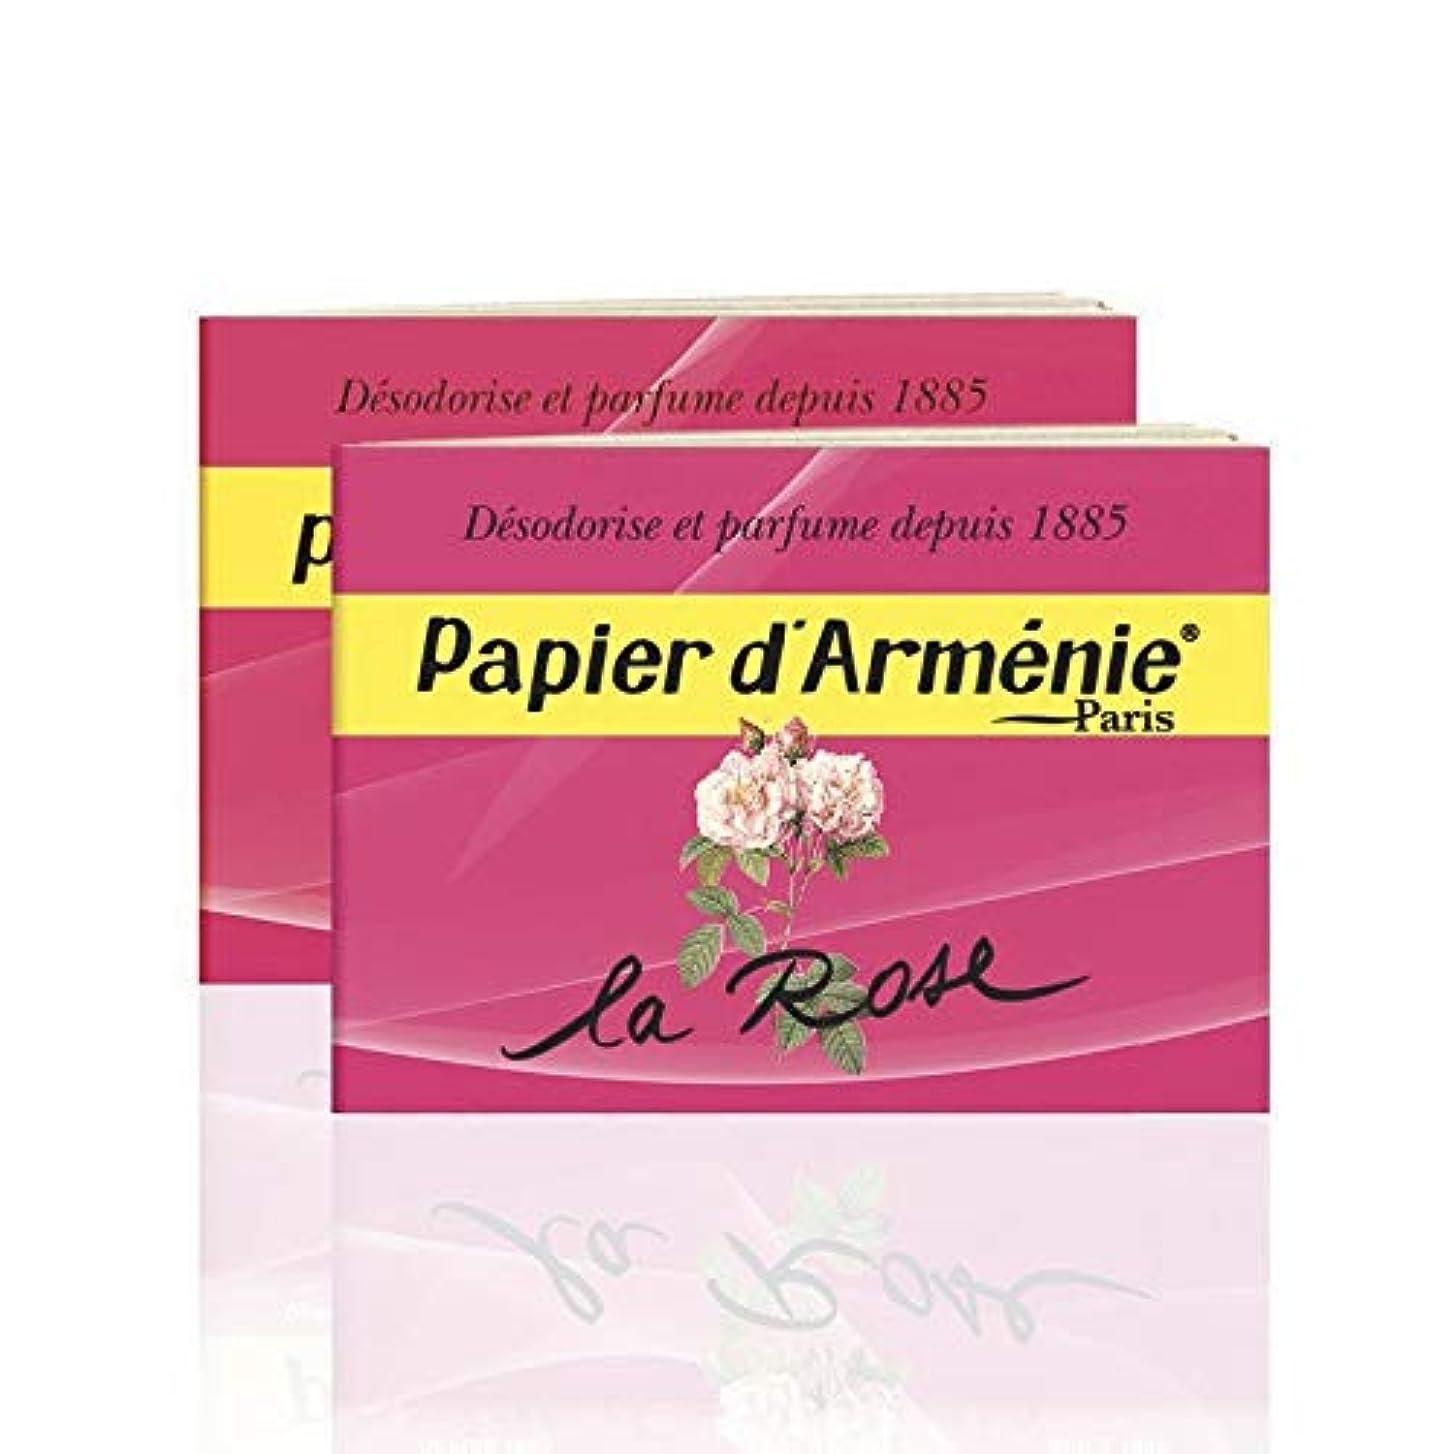 うんざり内なるコアPapier d'Arménie パピエダルメニイ ローズ 紙のお香 フランス直送 [並行輸入品] (2個)